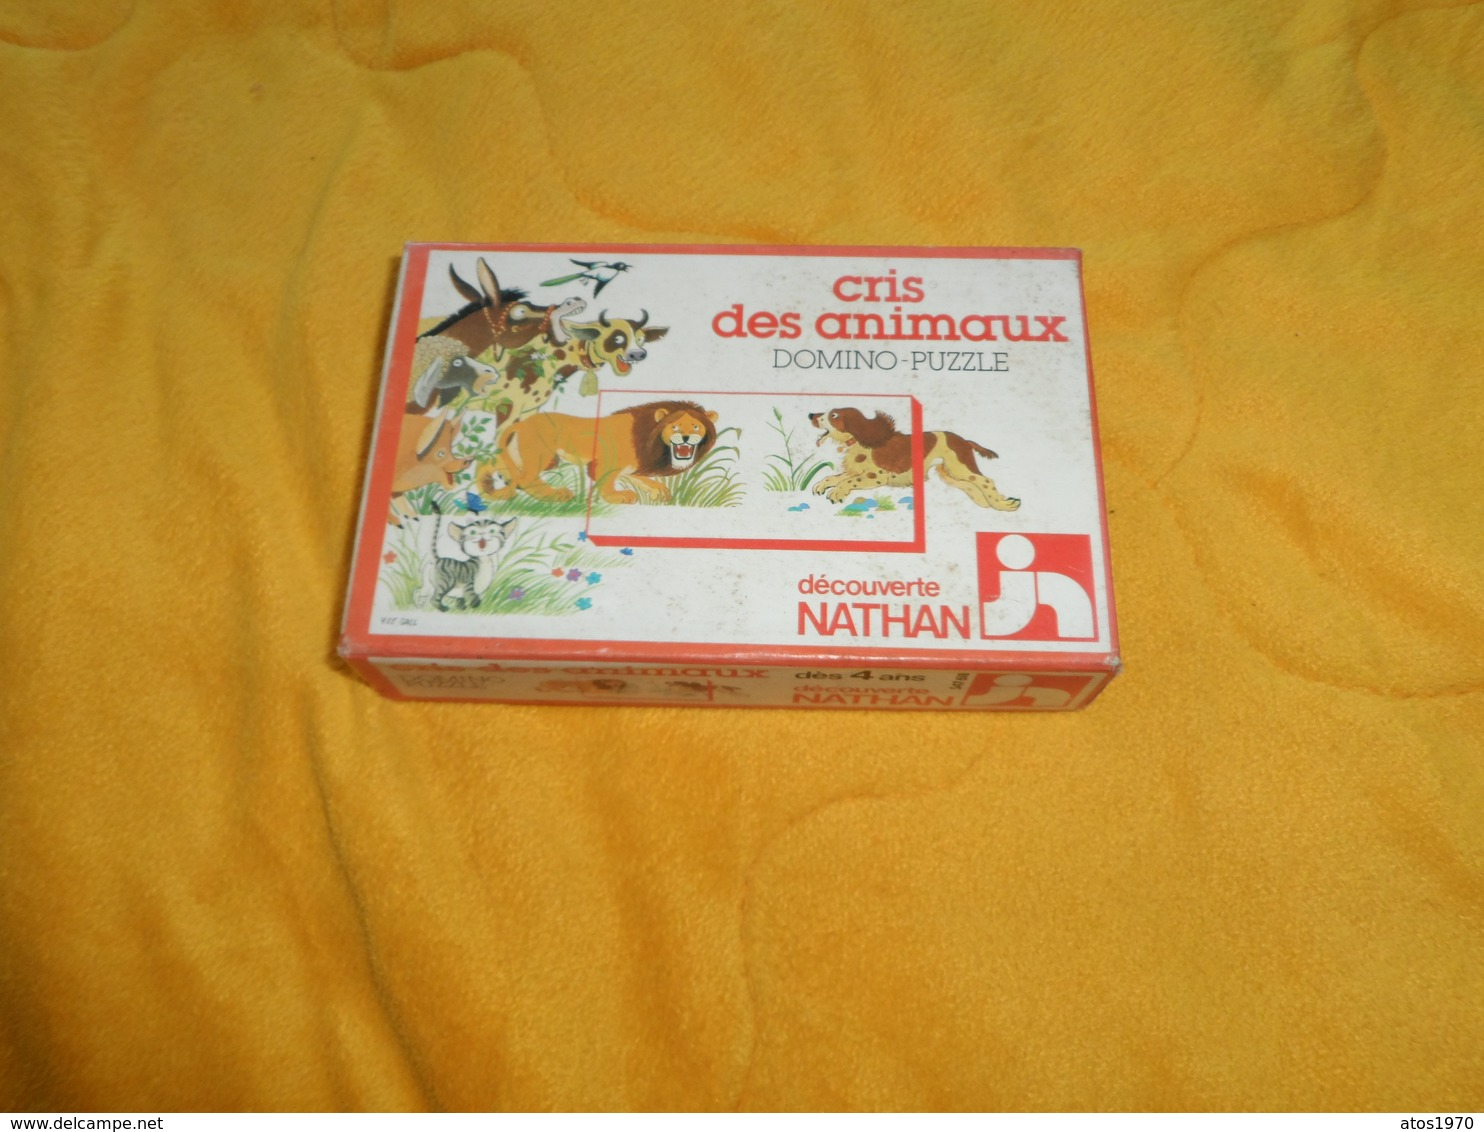 JEUX DE SOCIETE ANCIEN. / DOMINO PUZZLE CRIS DES ANIMAUX DECOUVERTE NATHAN. ANNEE 1979. COMPLET. - Puzzles